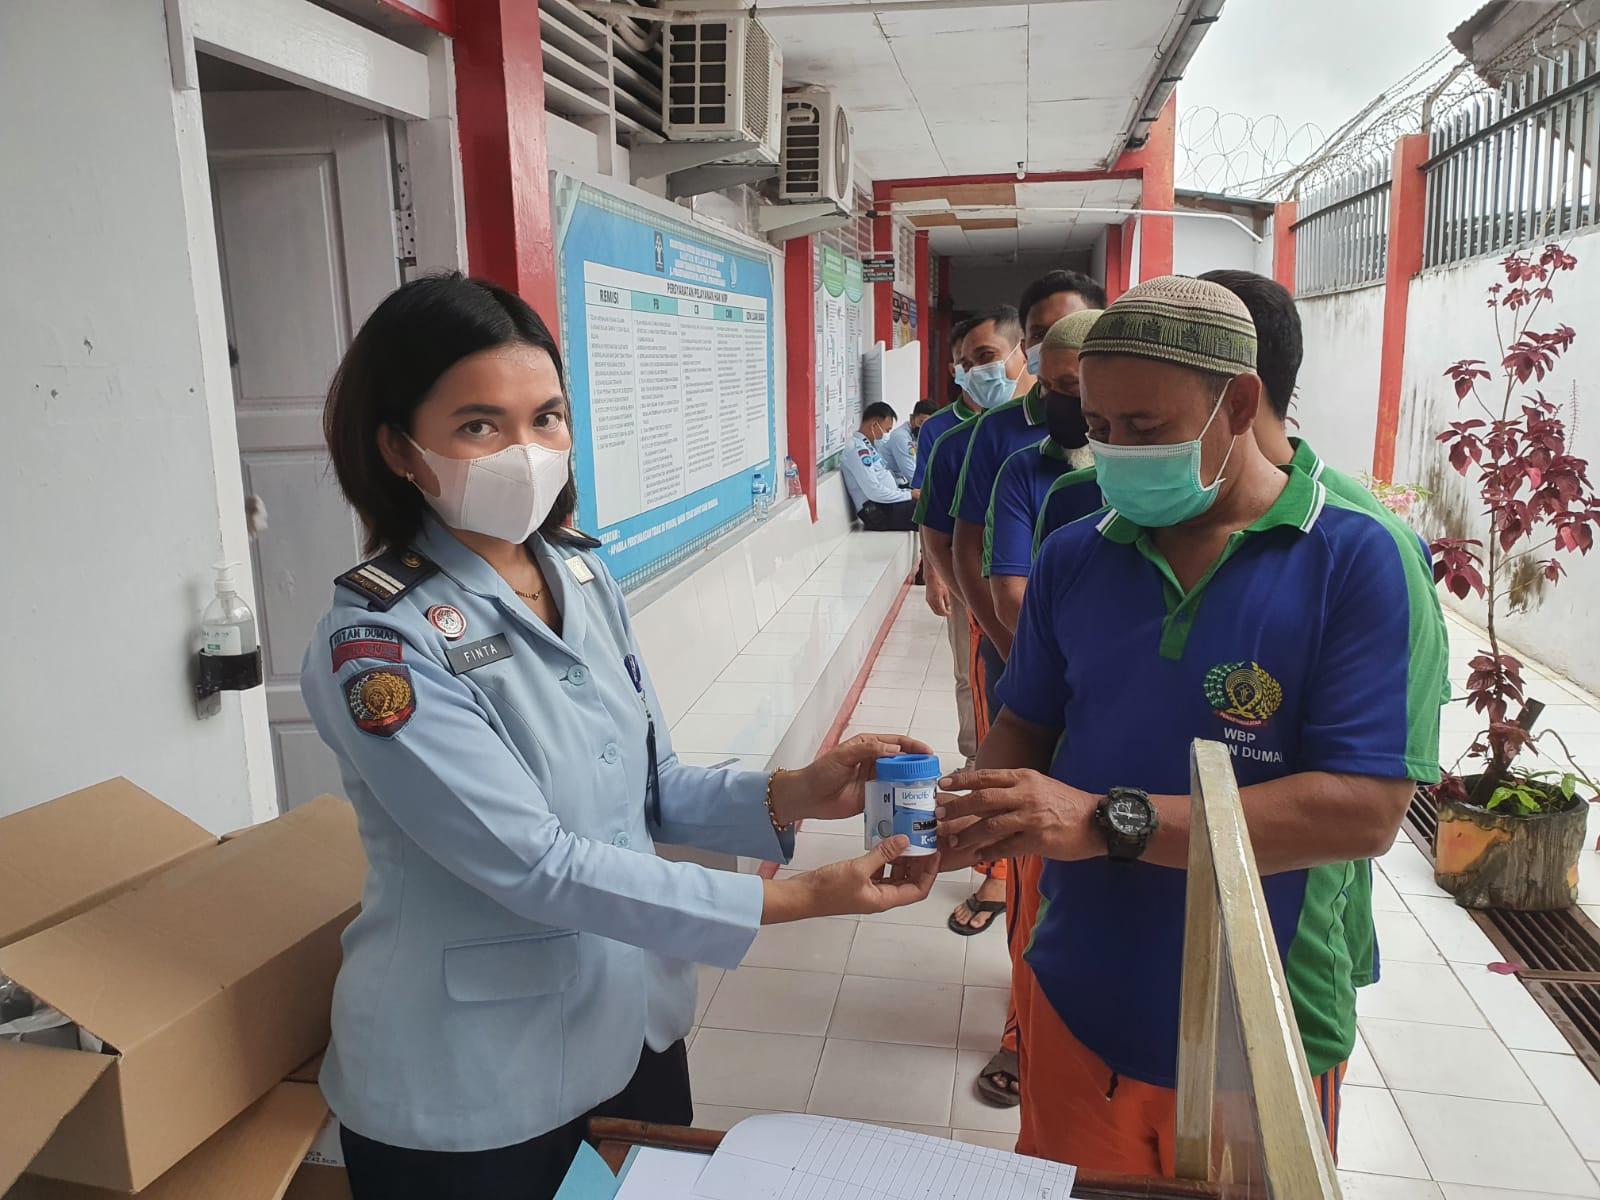 BNN Dumai Laksanakan Sosialisasi P4GN Serta Test Urine Bagi Petugas dan Warga Binaan di Rutan Dumai.